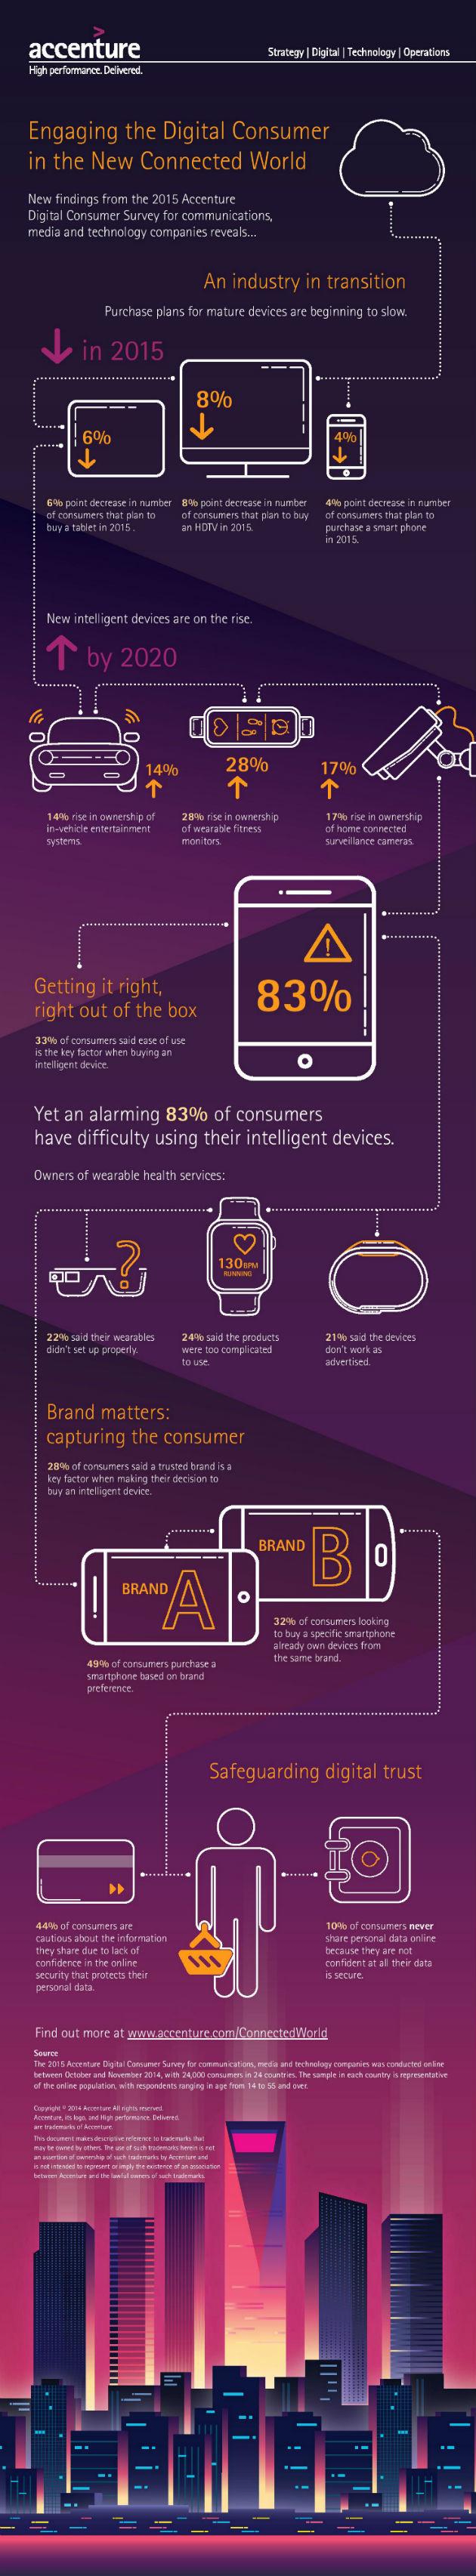 Accenture_dispositivos_dificultad